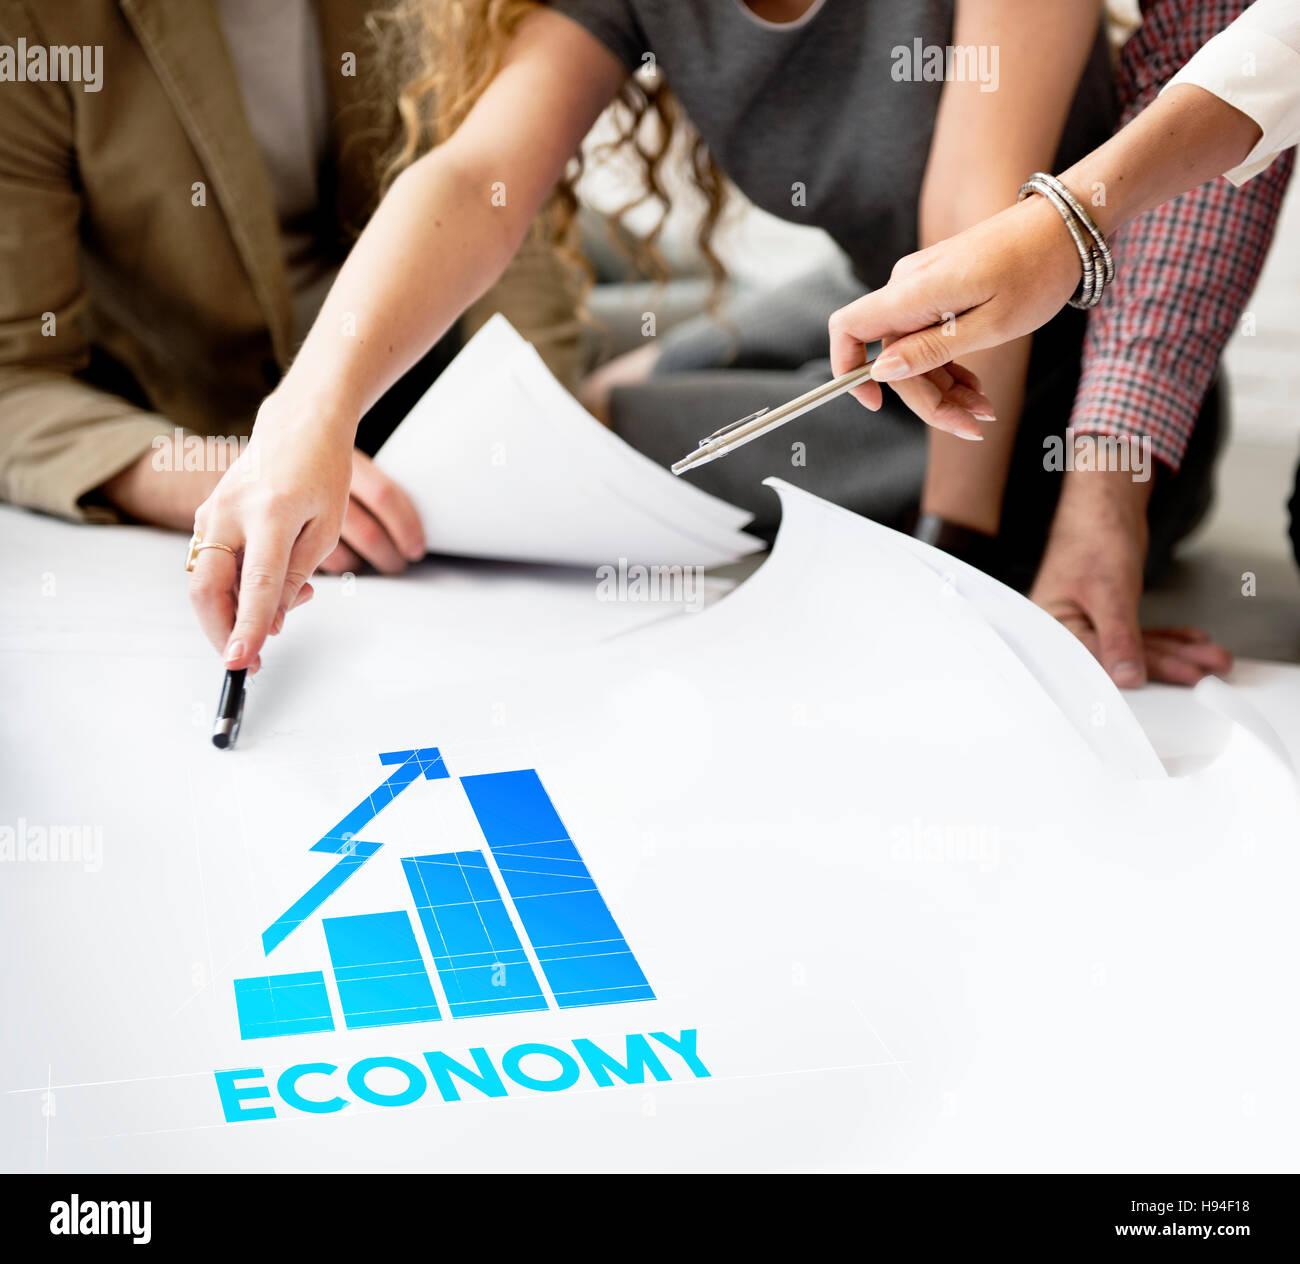 Economia crescita aziendale grafico concetto grafico Immagini Stock